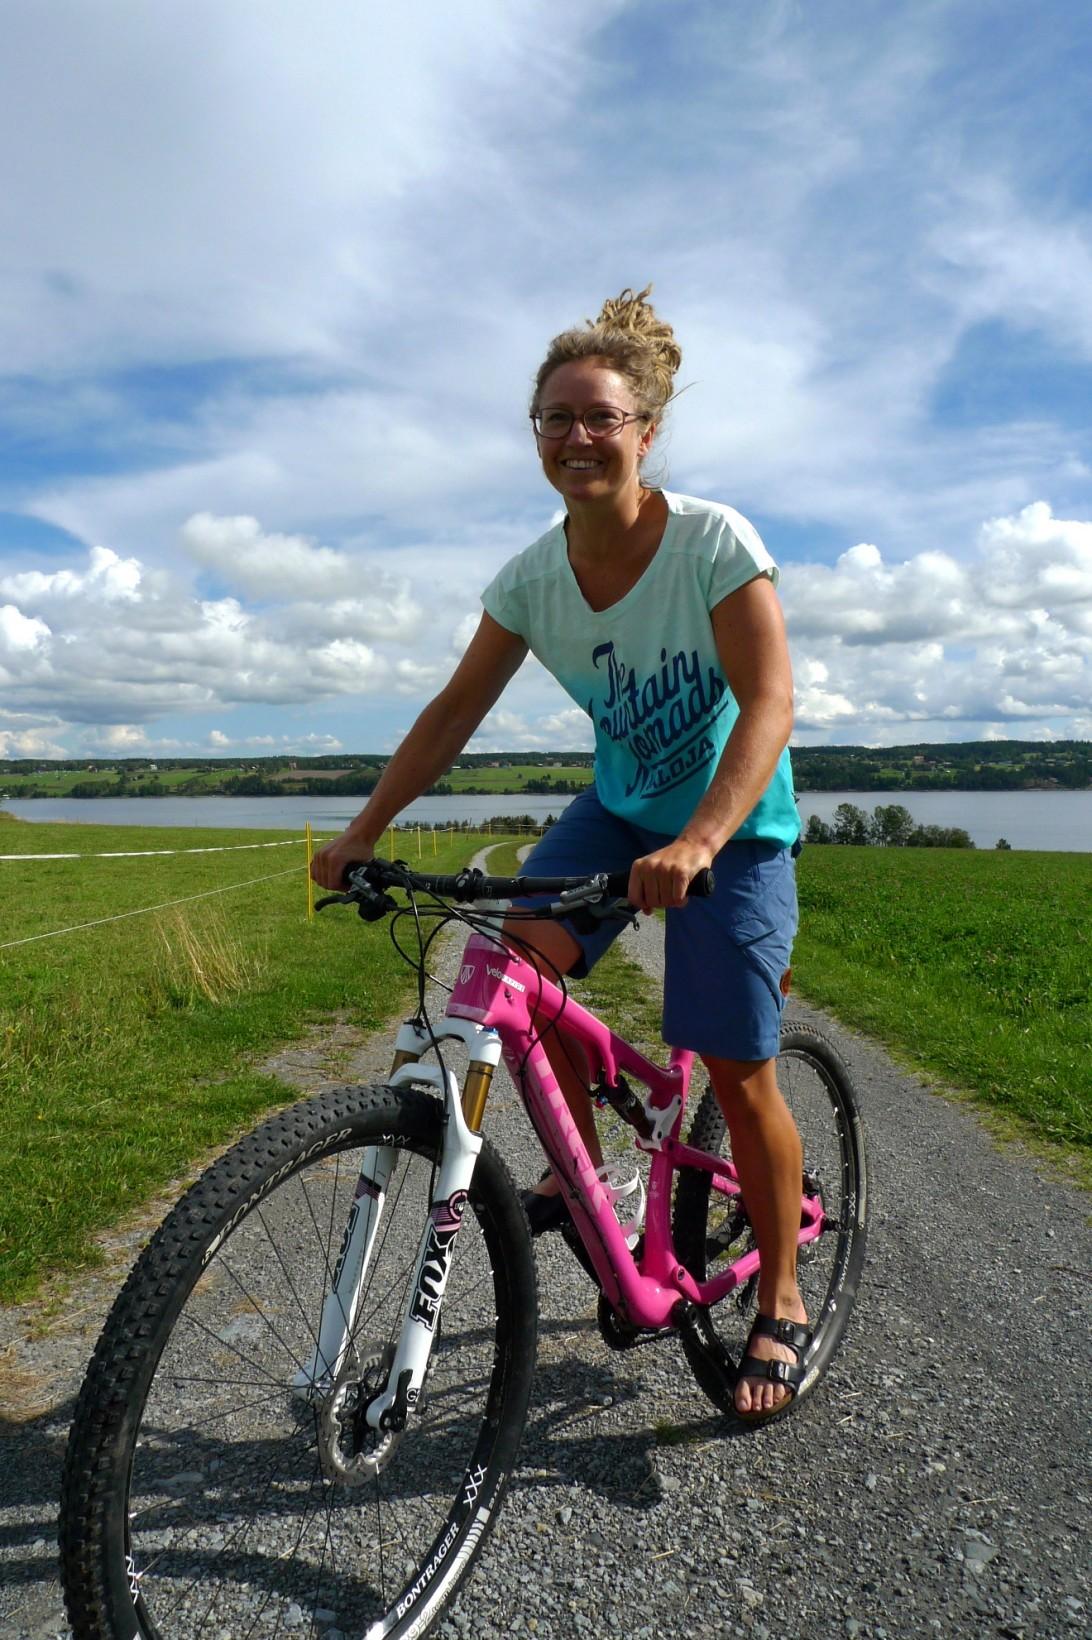 Den rosa cykeln har blivit Cecilias kännetecken